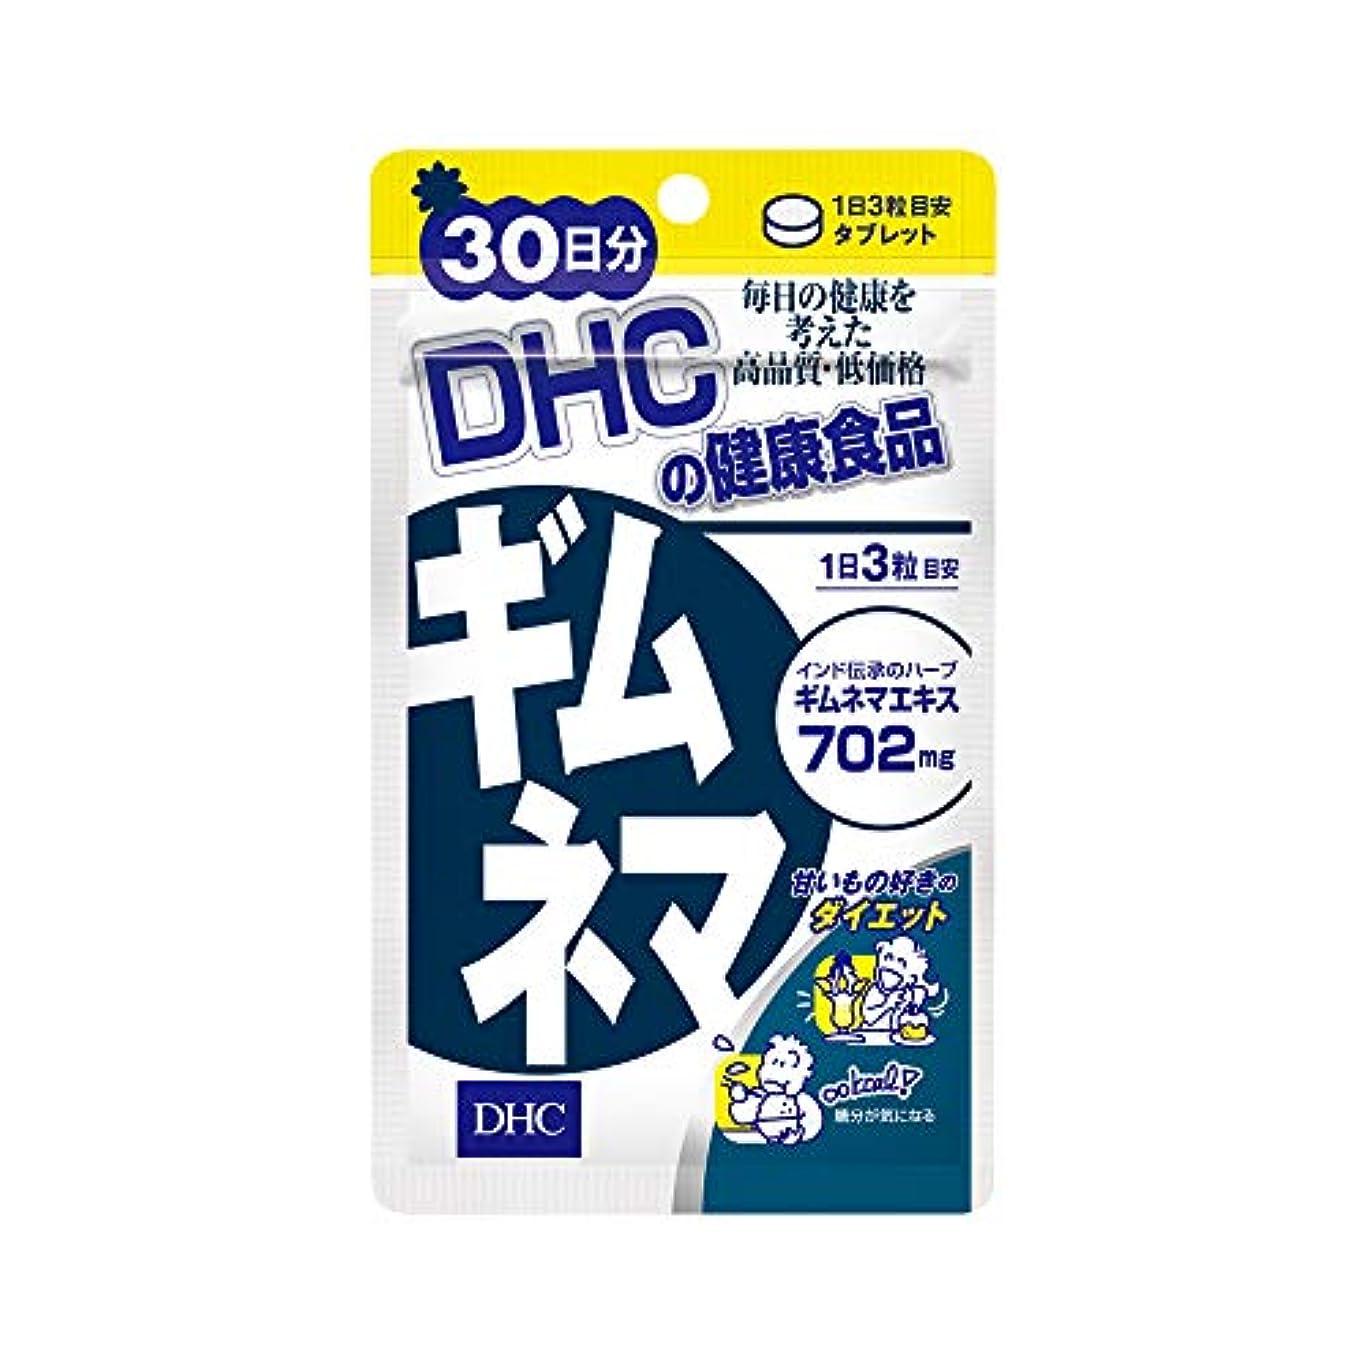 オゾン俳優緩めるDHC ギムネマ 30日分